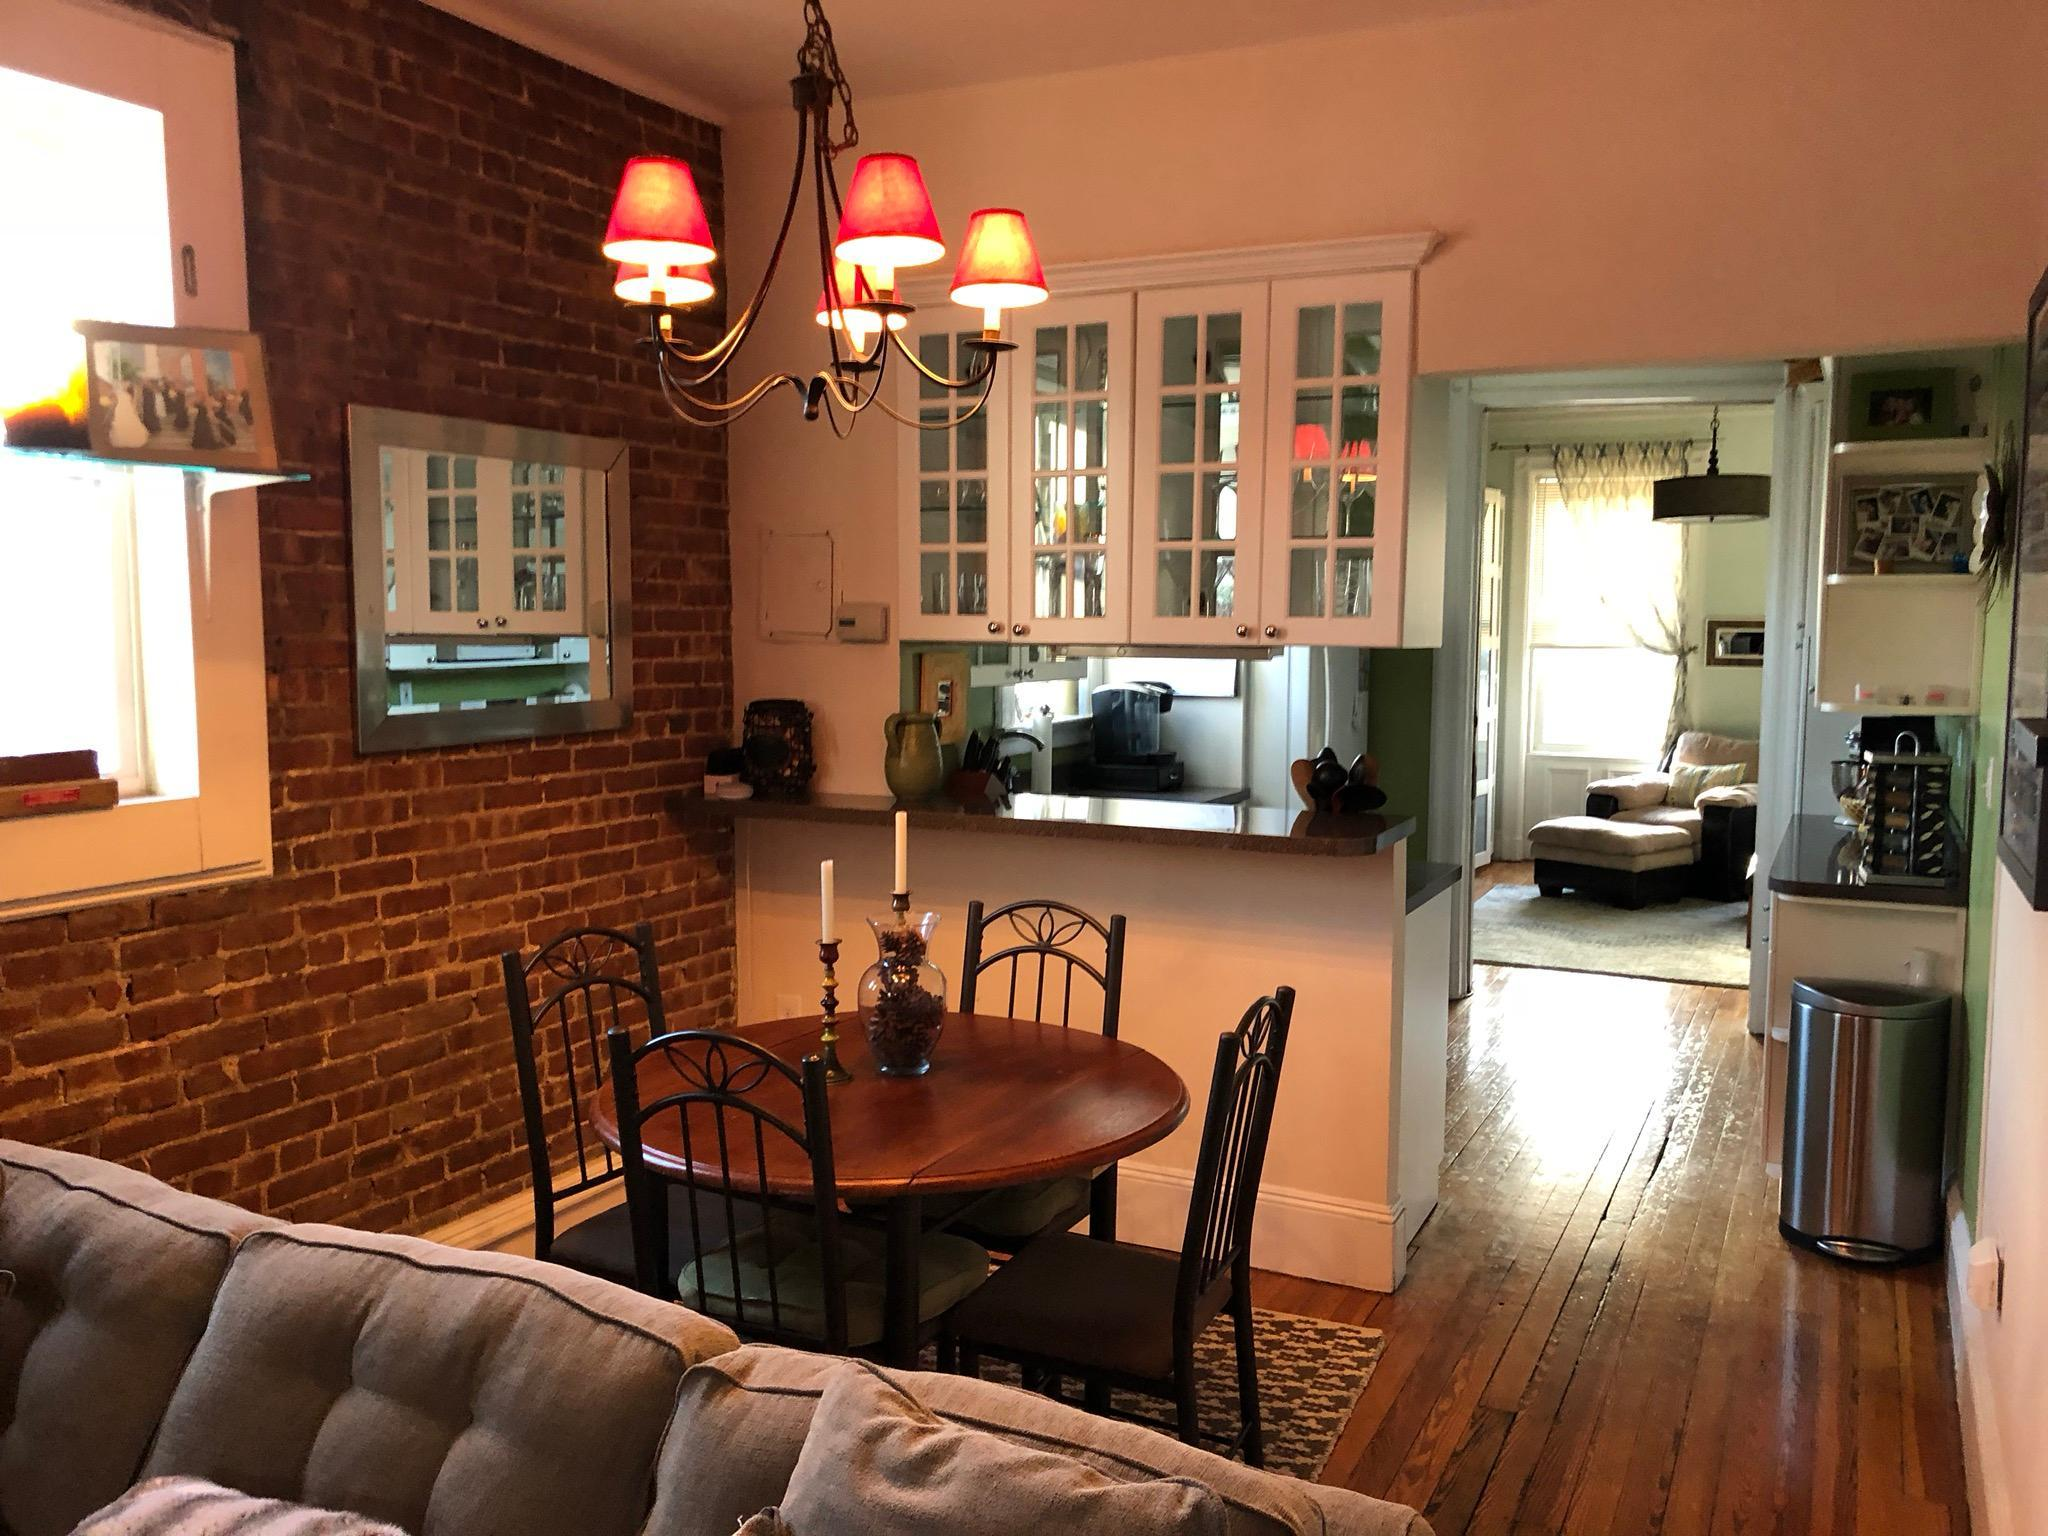 1007 Willow Ave #8, Hoboken, NJ 07030 For Rent   Trulia